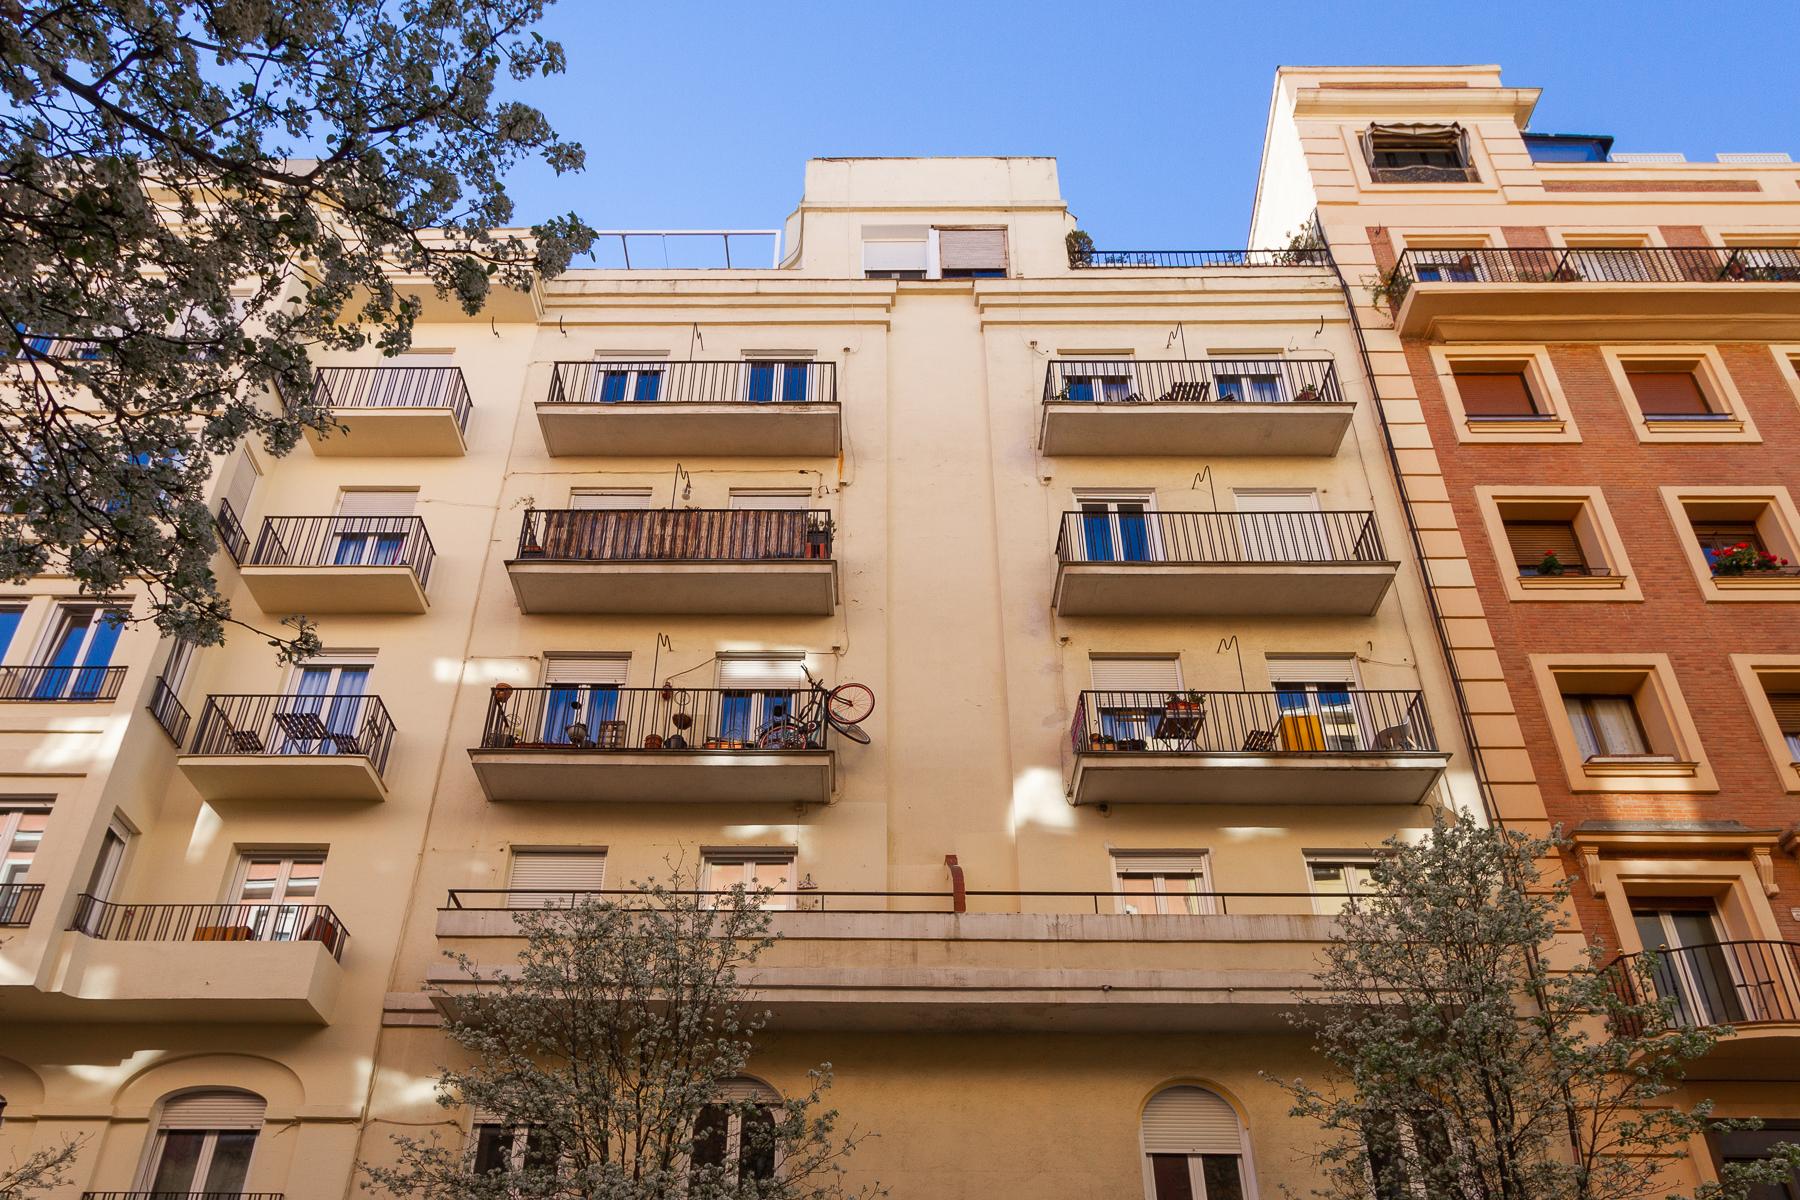 Exterior at Fernan Gonzalez Apartments